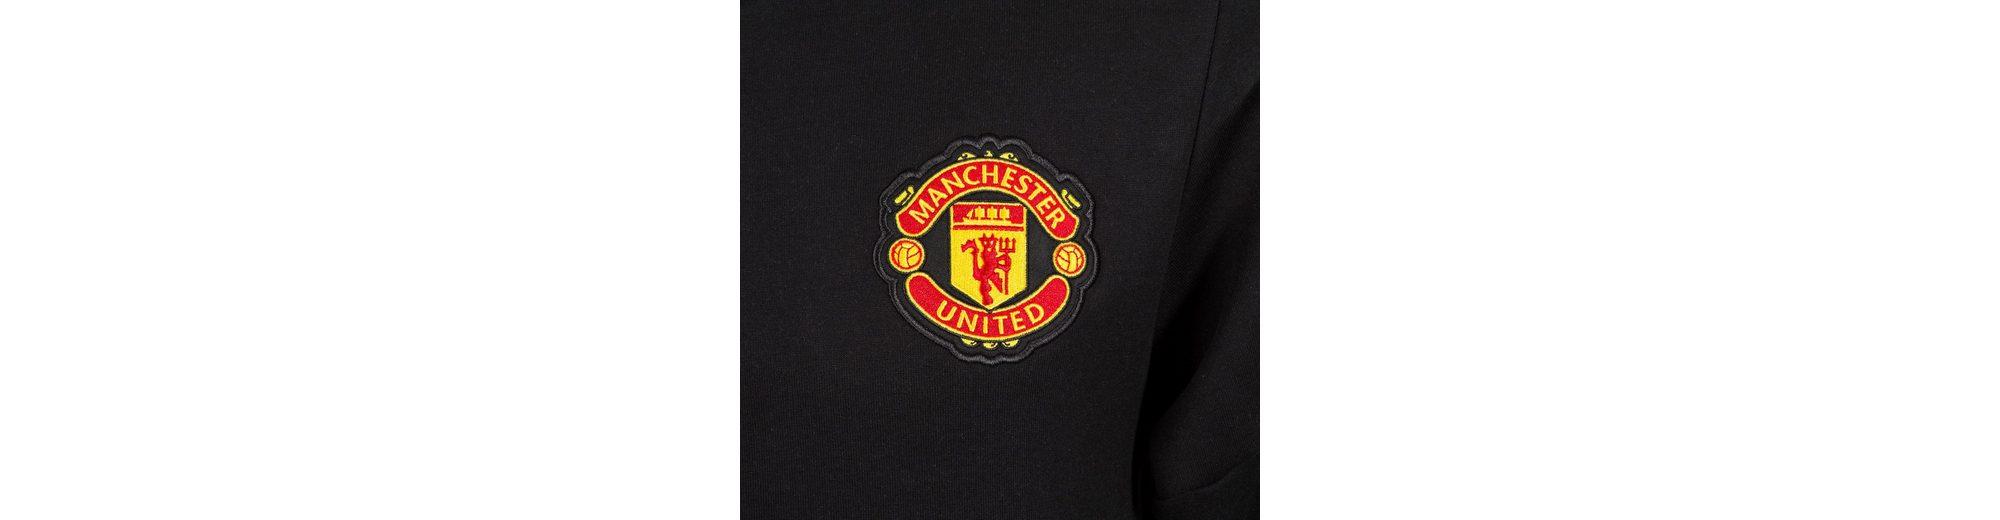 adidas Performance Trainingsjacke Manchester United Anthem Squad Billig Ausverkauf Erstaunlicher Preis Günstig Online Neue Ankunft Zum Verkauf Kaufen Online-Verkauf Freiheit Der Billigsten 2f1Leal1